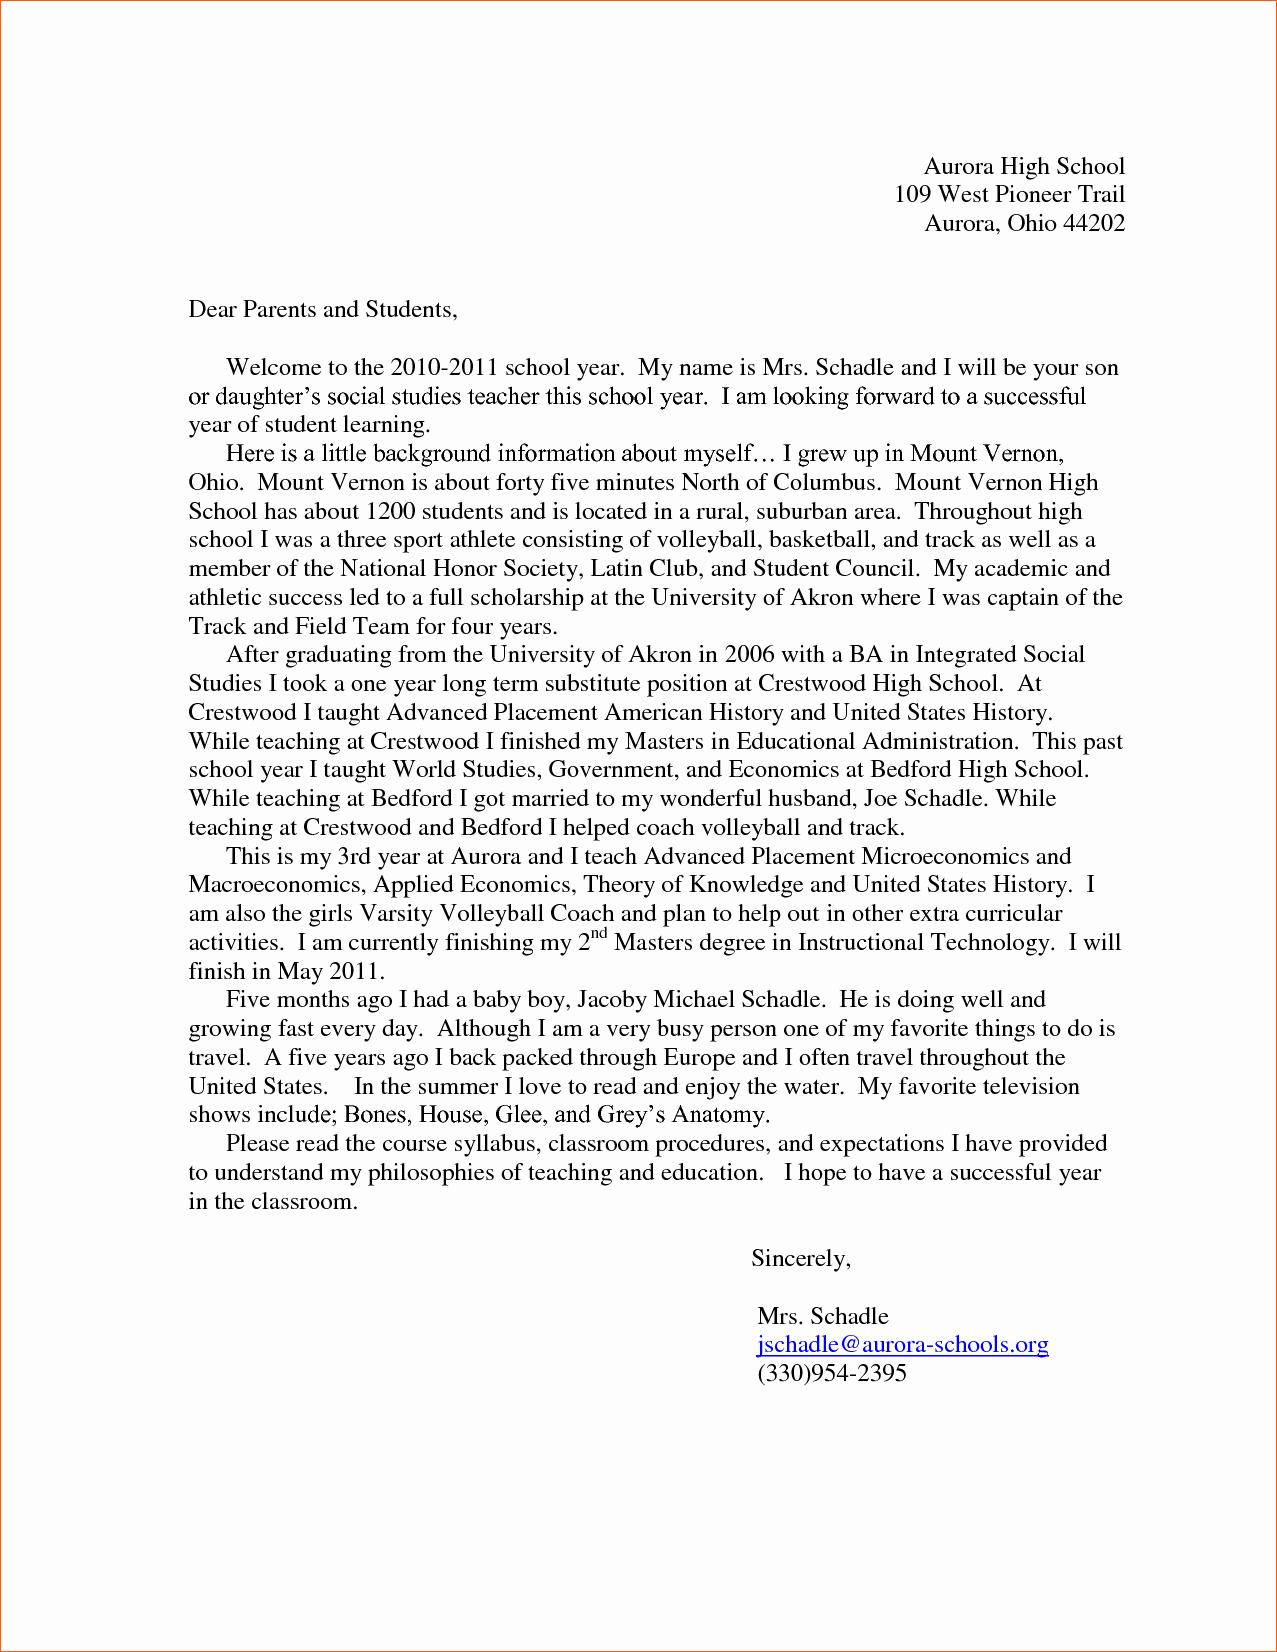 6 Teacher Introduction Letter to Parents